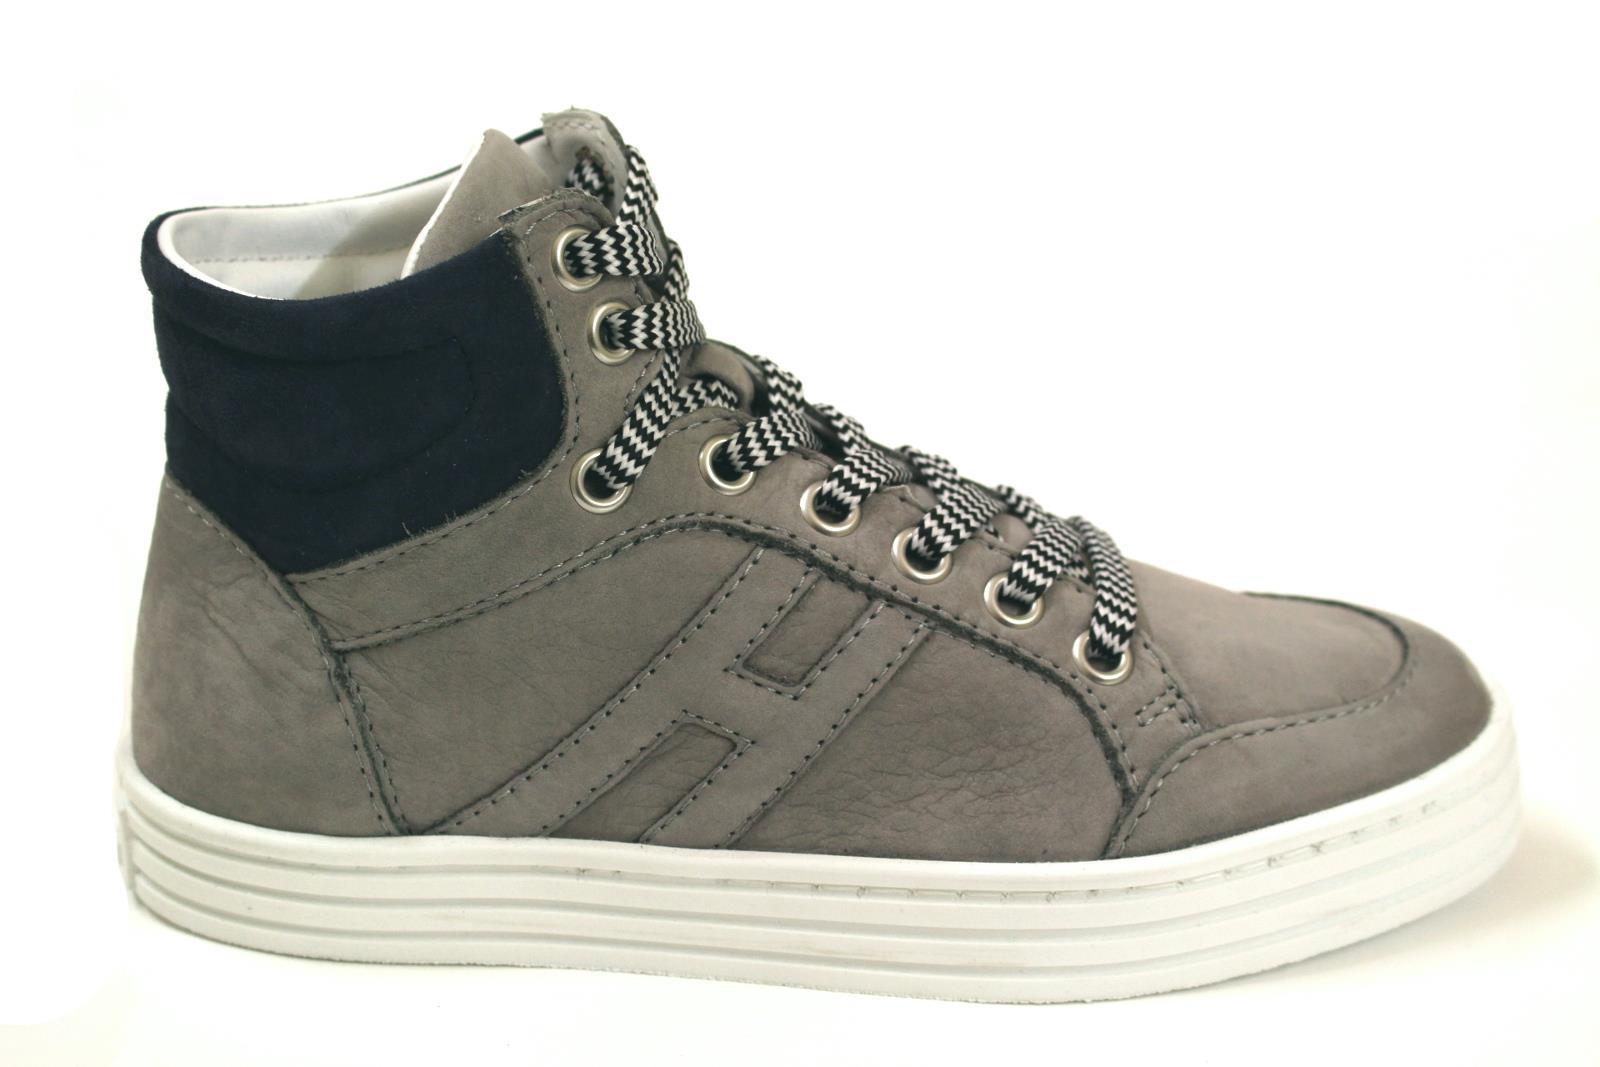 scarpe hogan bambino nuova collezione